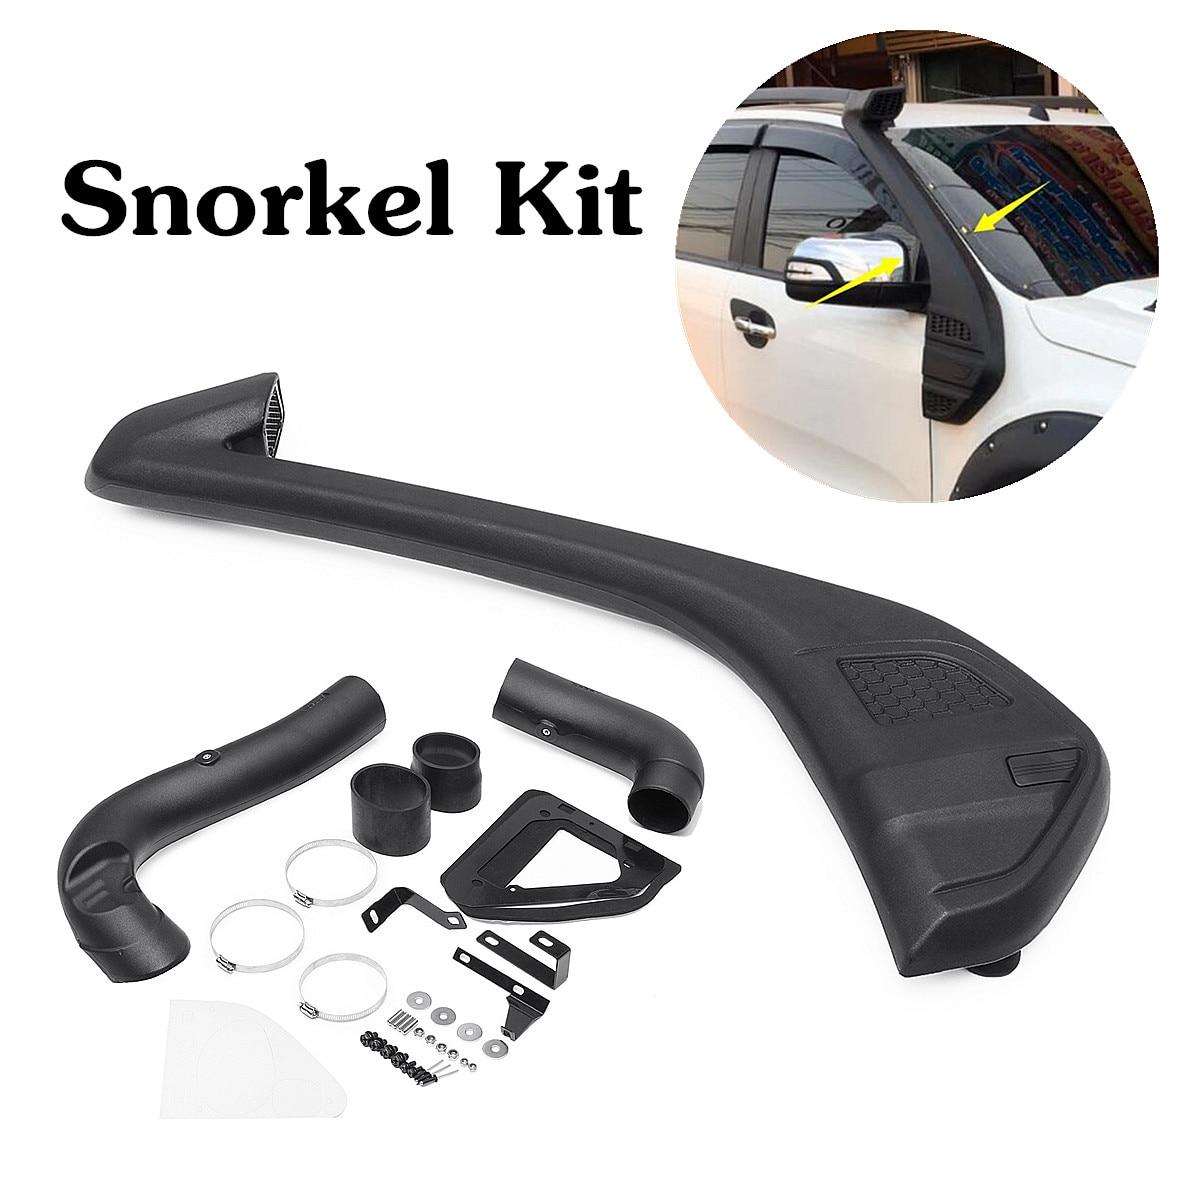 Aire aumento de Snorkel gasolina Diesel-Kit Set para 2013 Ford Ranger T6 150 CV 110x30cm de polietileno negro resistente a los rayos UV lineal